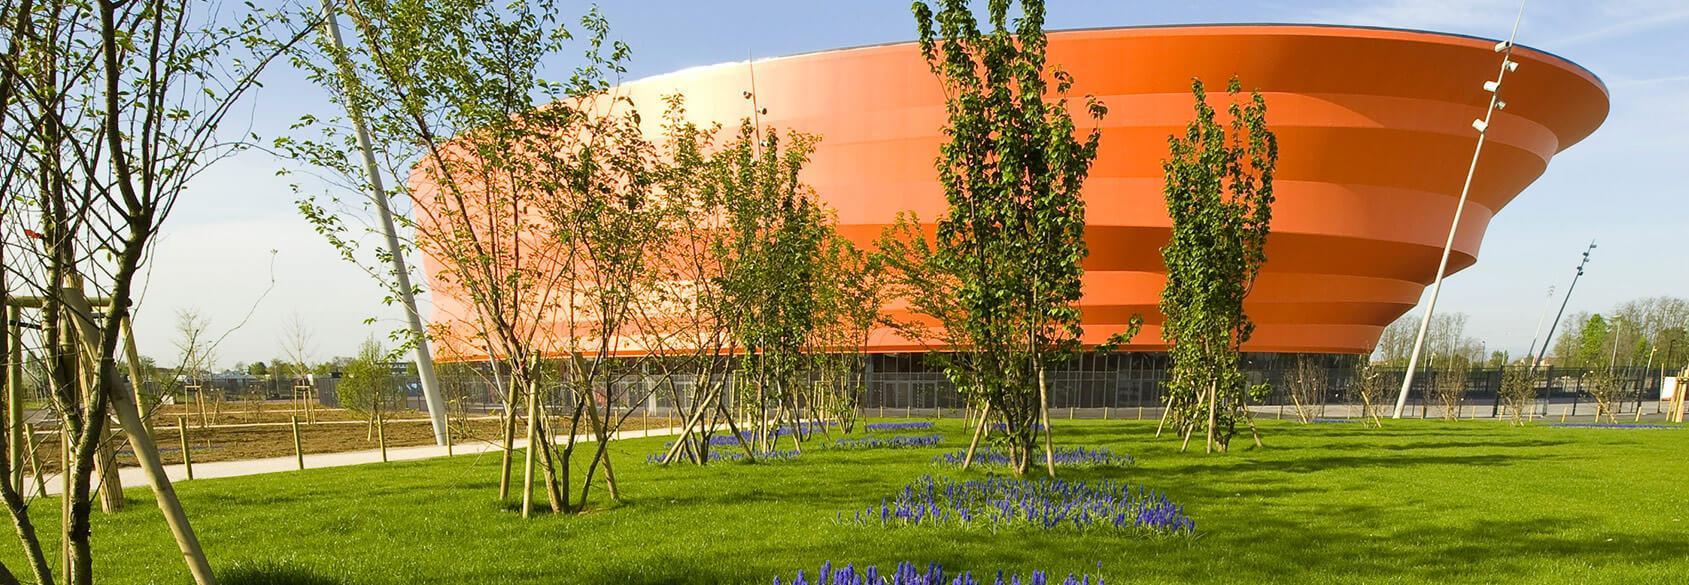 Entretien des parcs et jardins scop espaces verts for Entretien des jardins et espaces verts